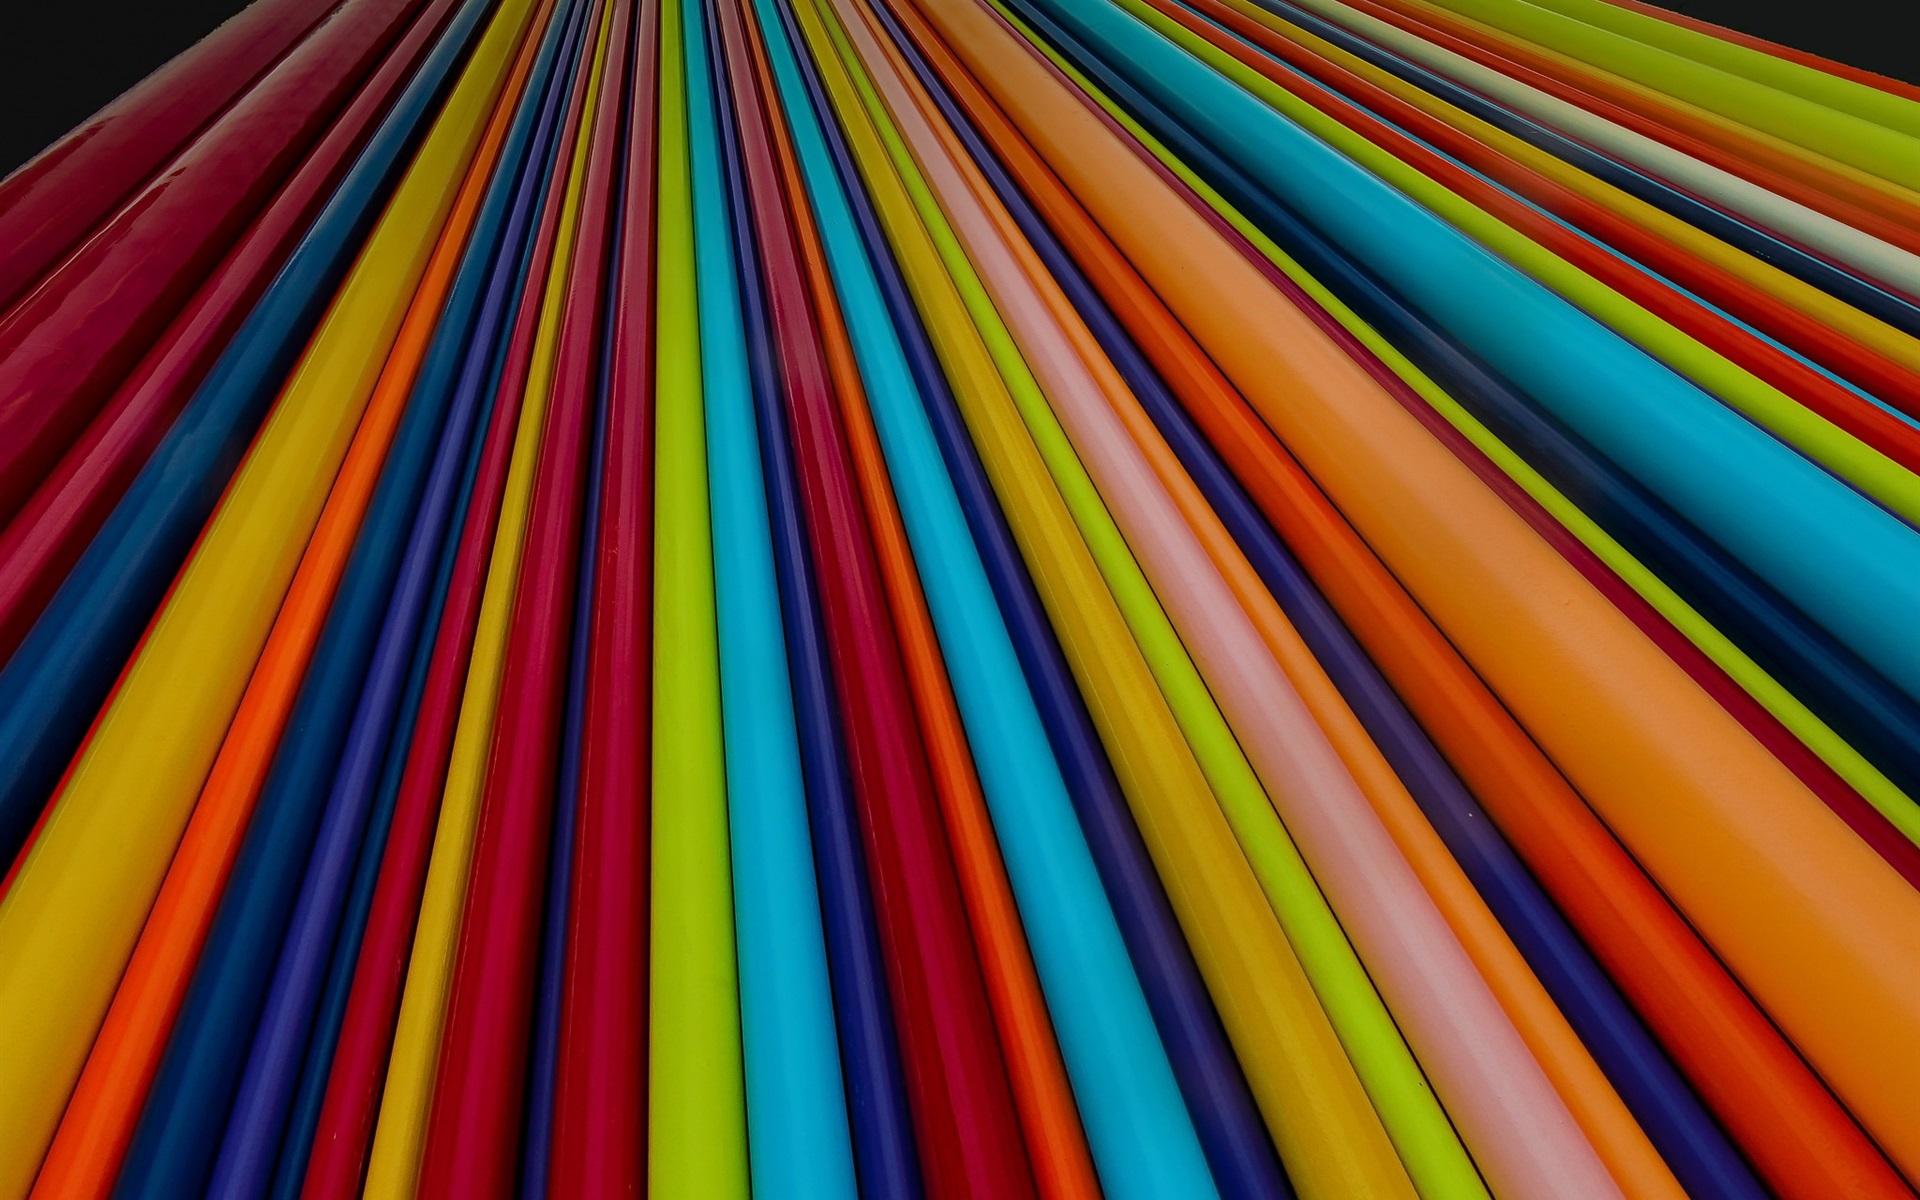 Fondos De Pantalla Líneas De Colores, Diseño Abstracto